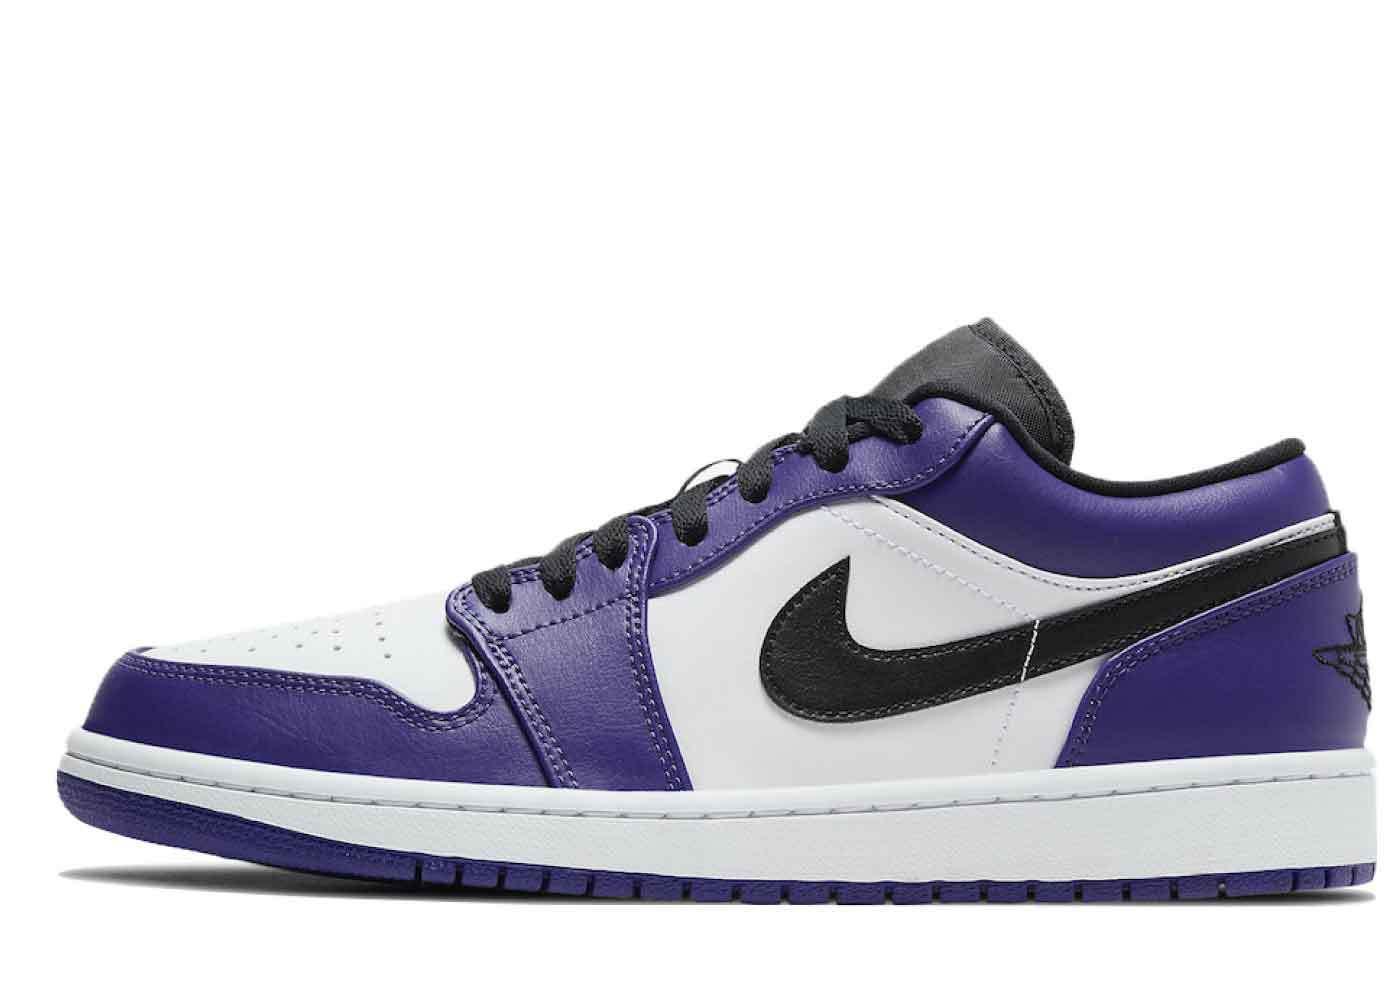 Nike Air Jordan 1 Low Court Purpleを